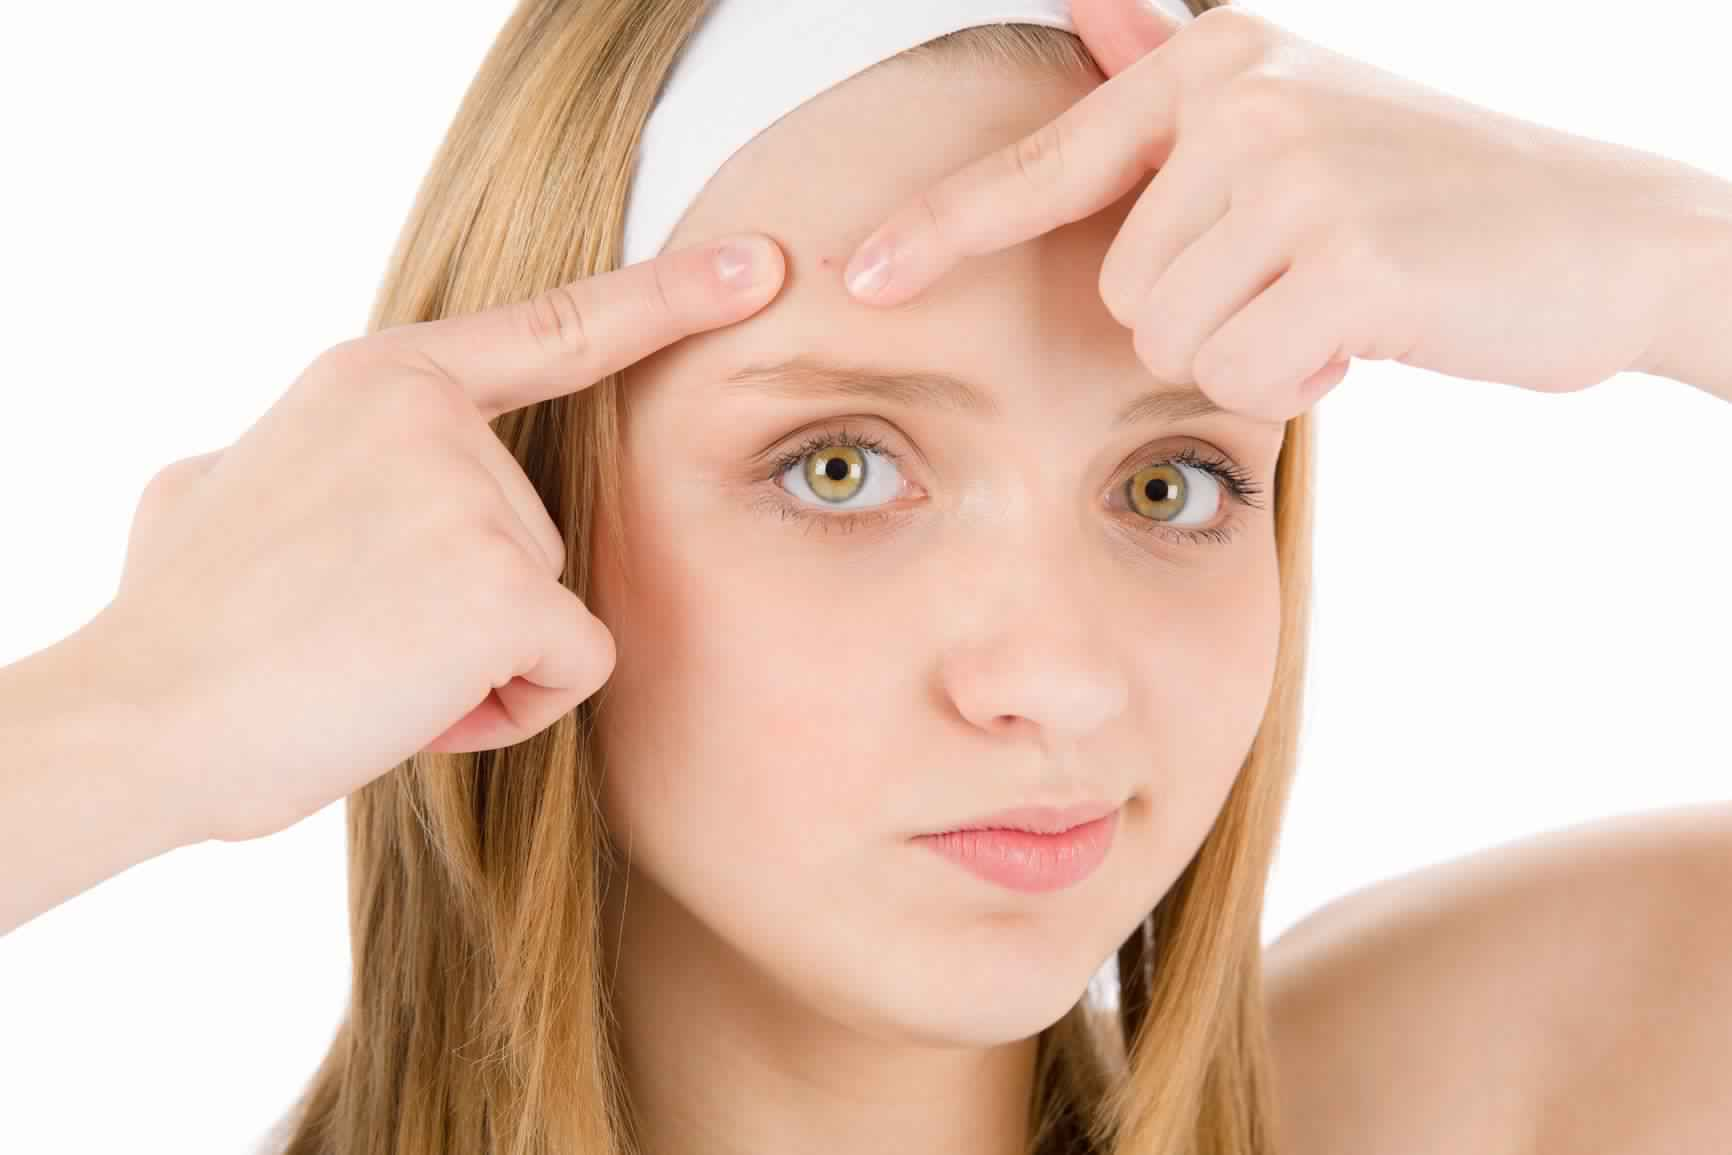 طرق فعالة لعلاج حبوب الوجه